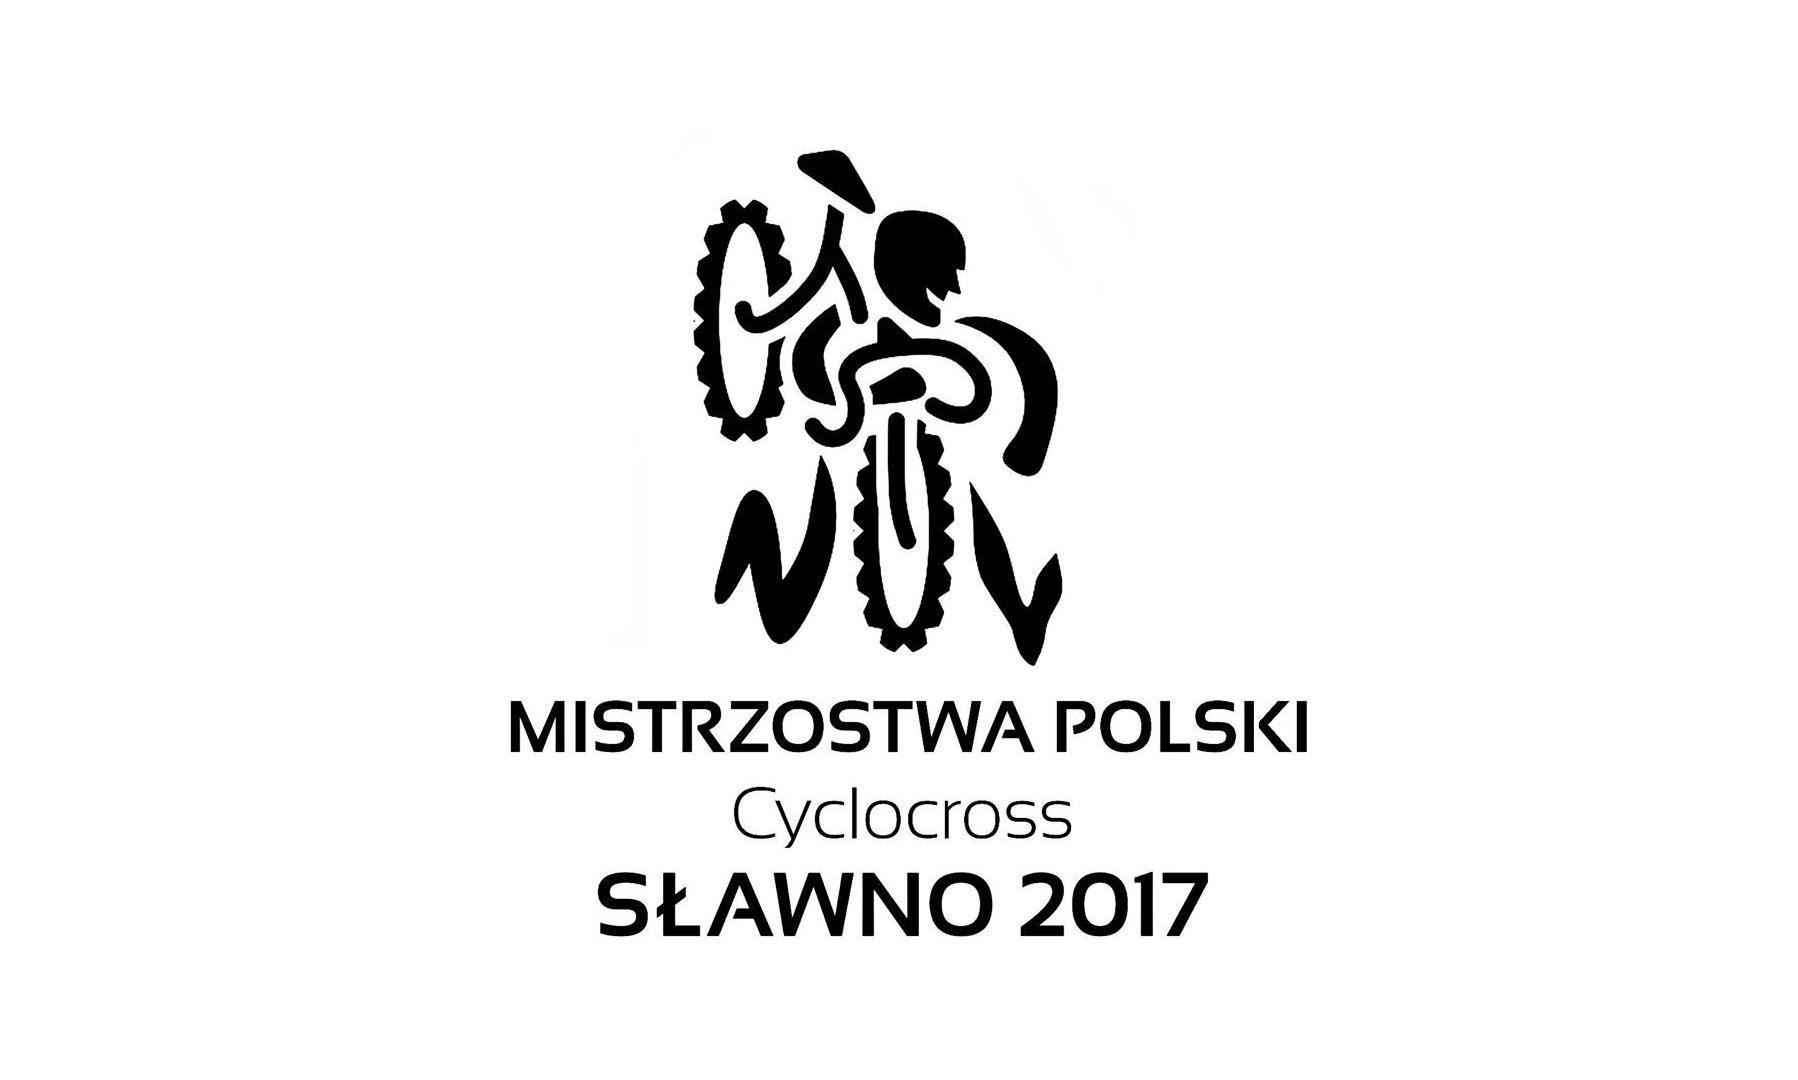 Mistrzostwa Polski w kolarstwie przełajowym 2017 – Sławno [zapowiedź]